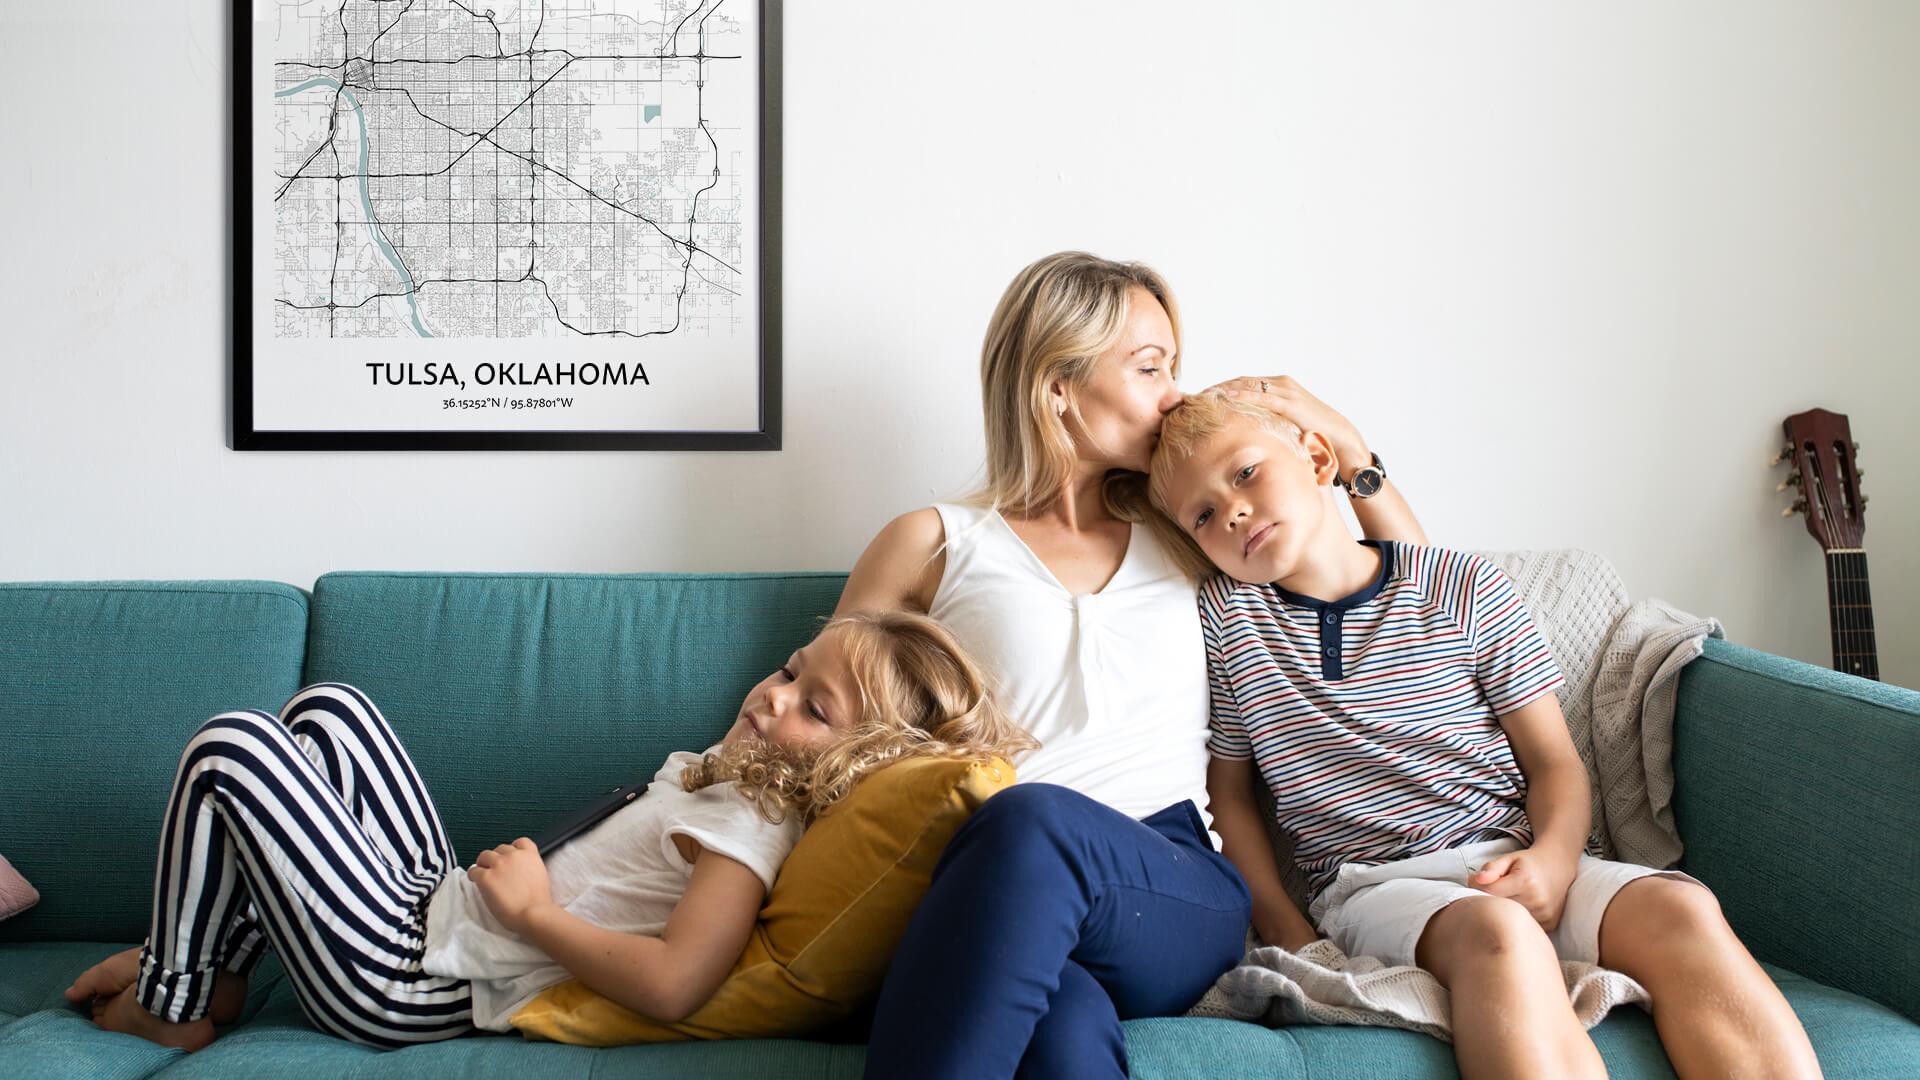 Tulsa map poster